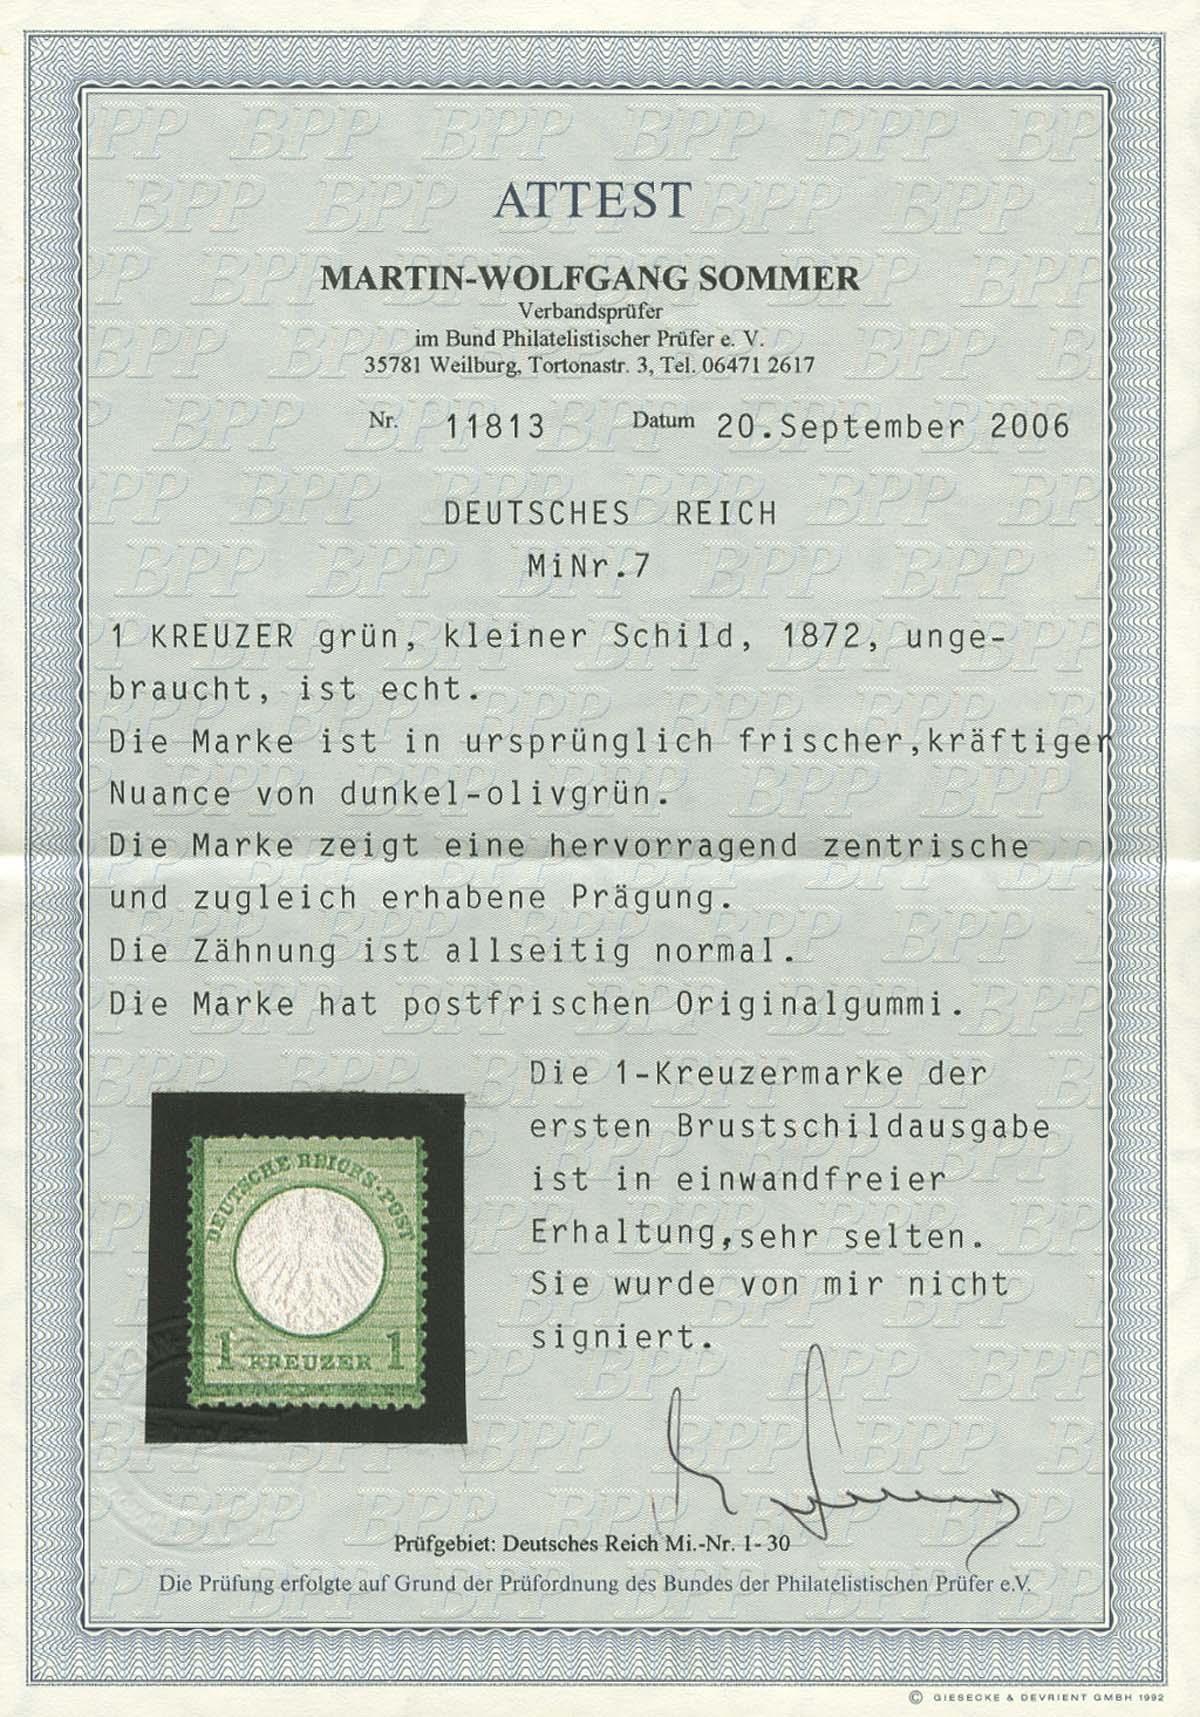 Lot 4192 - Deutsches Reich_Brustschilde  -  Auktionshaus Ulrich Felzmann GmbH & Co. KG Auction 170 International Autumn Auction 2020 Day 4